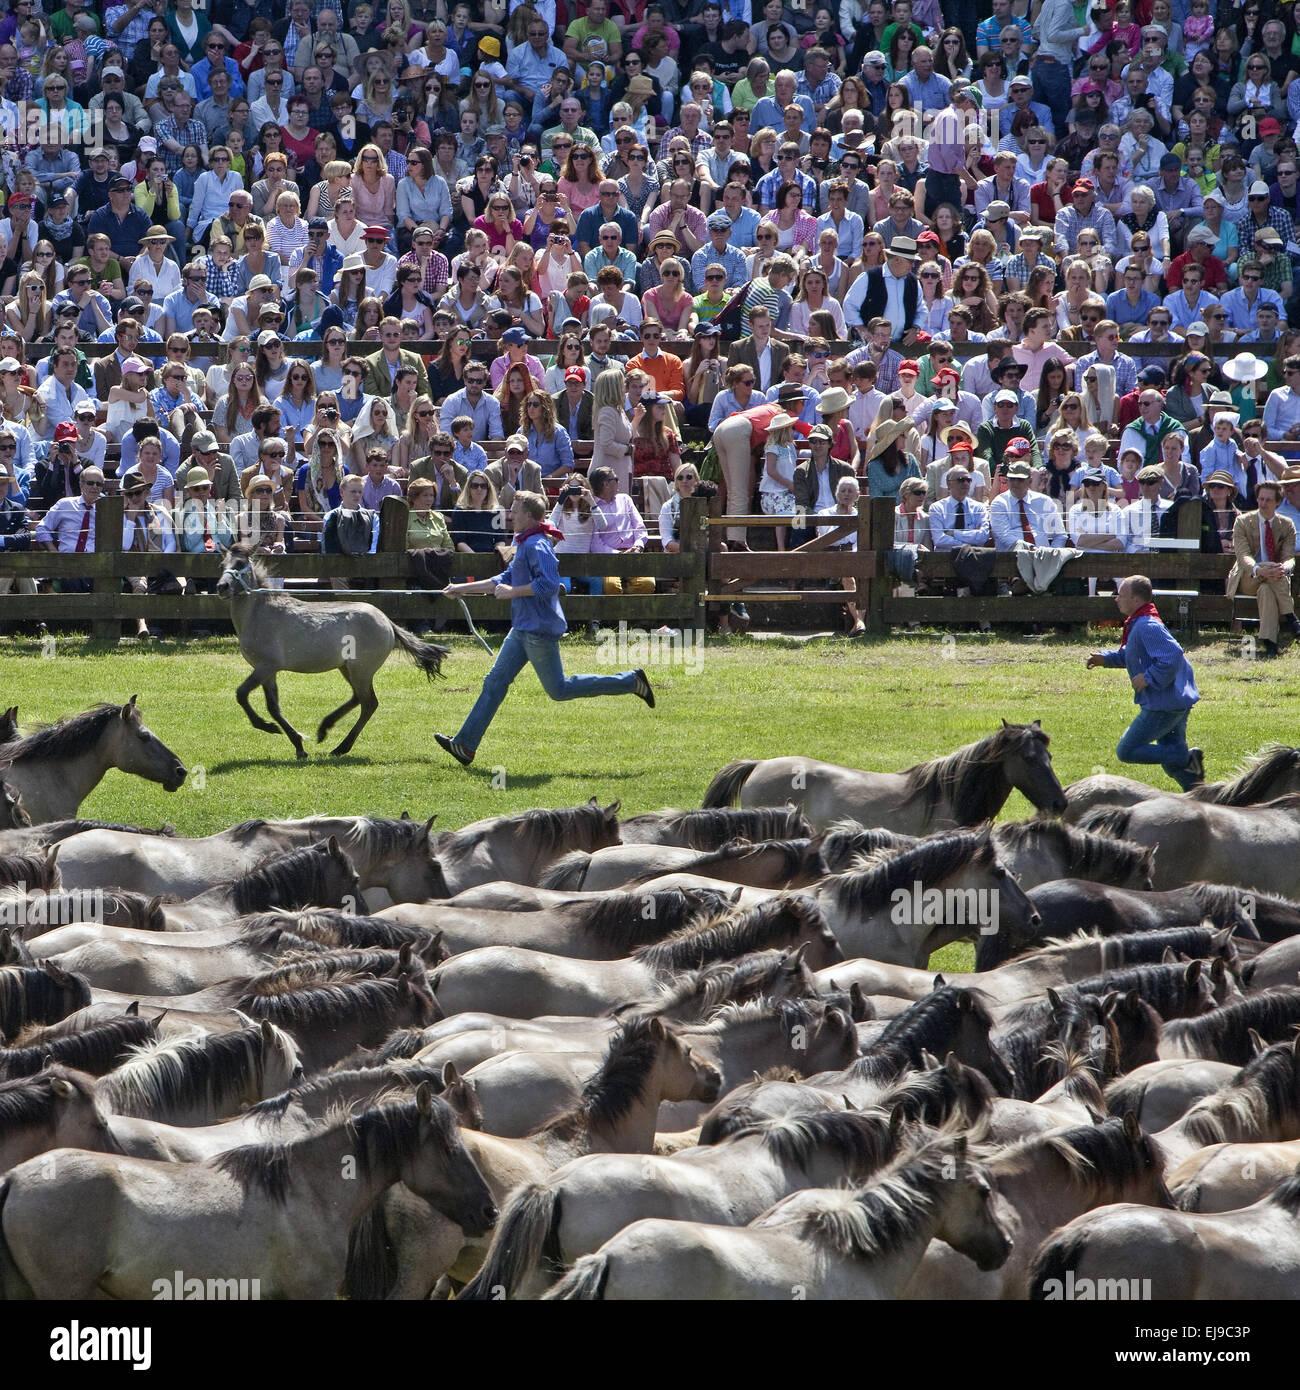 Wild horses catch, Duelmen, Germany - Stock Image